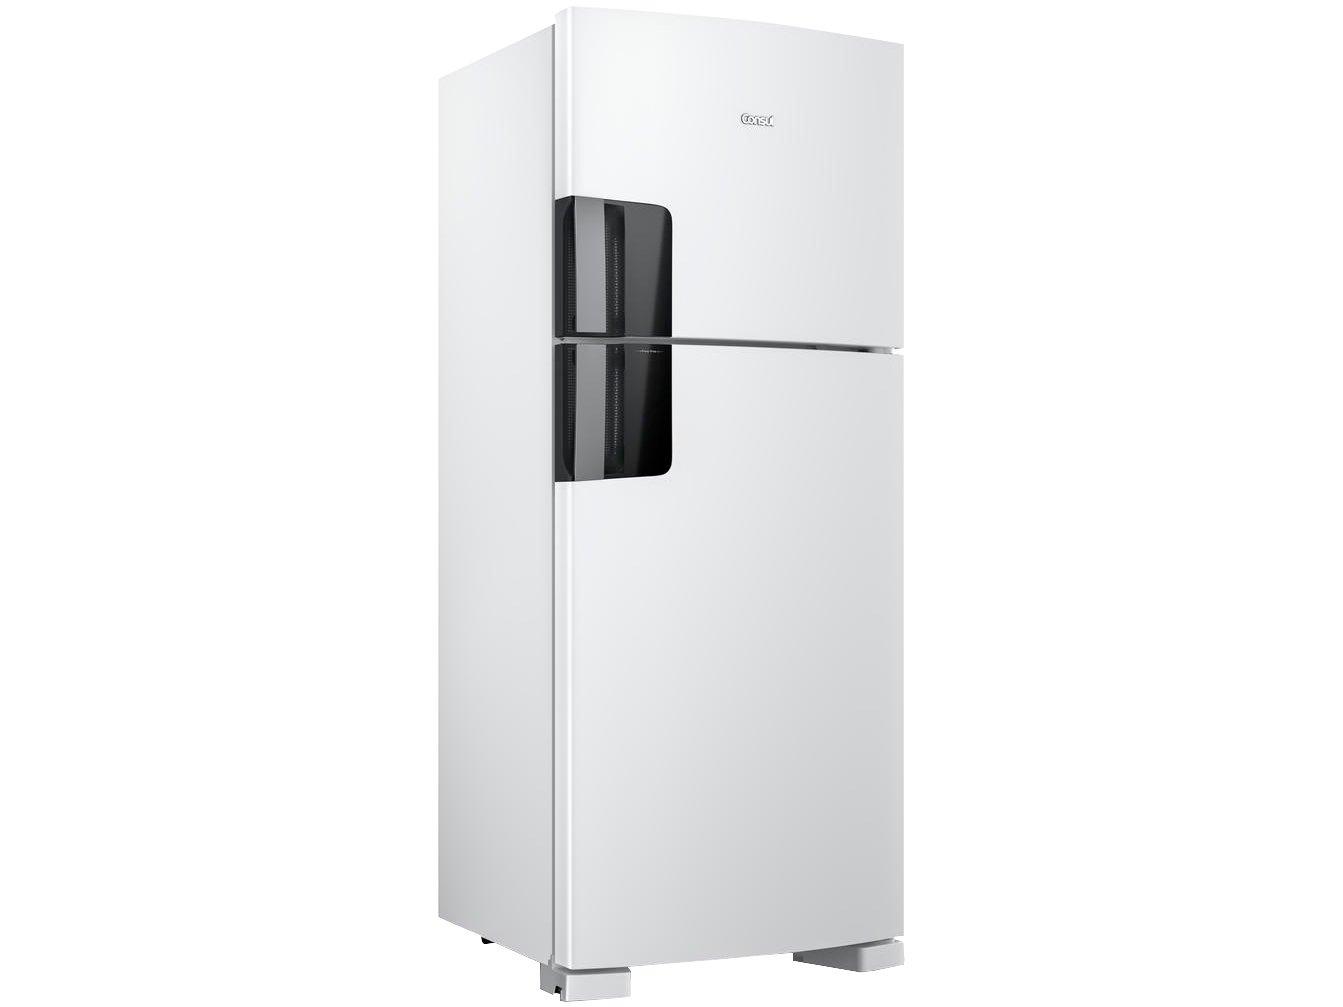 Geladeira/Refrigerador Consul Frost Free - Duplex Branco 410L CRM50HB - 220 V - 3